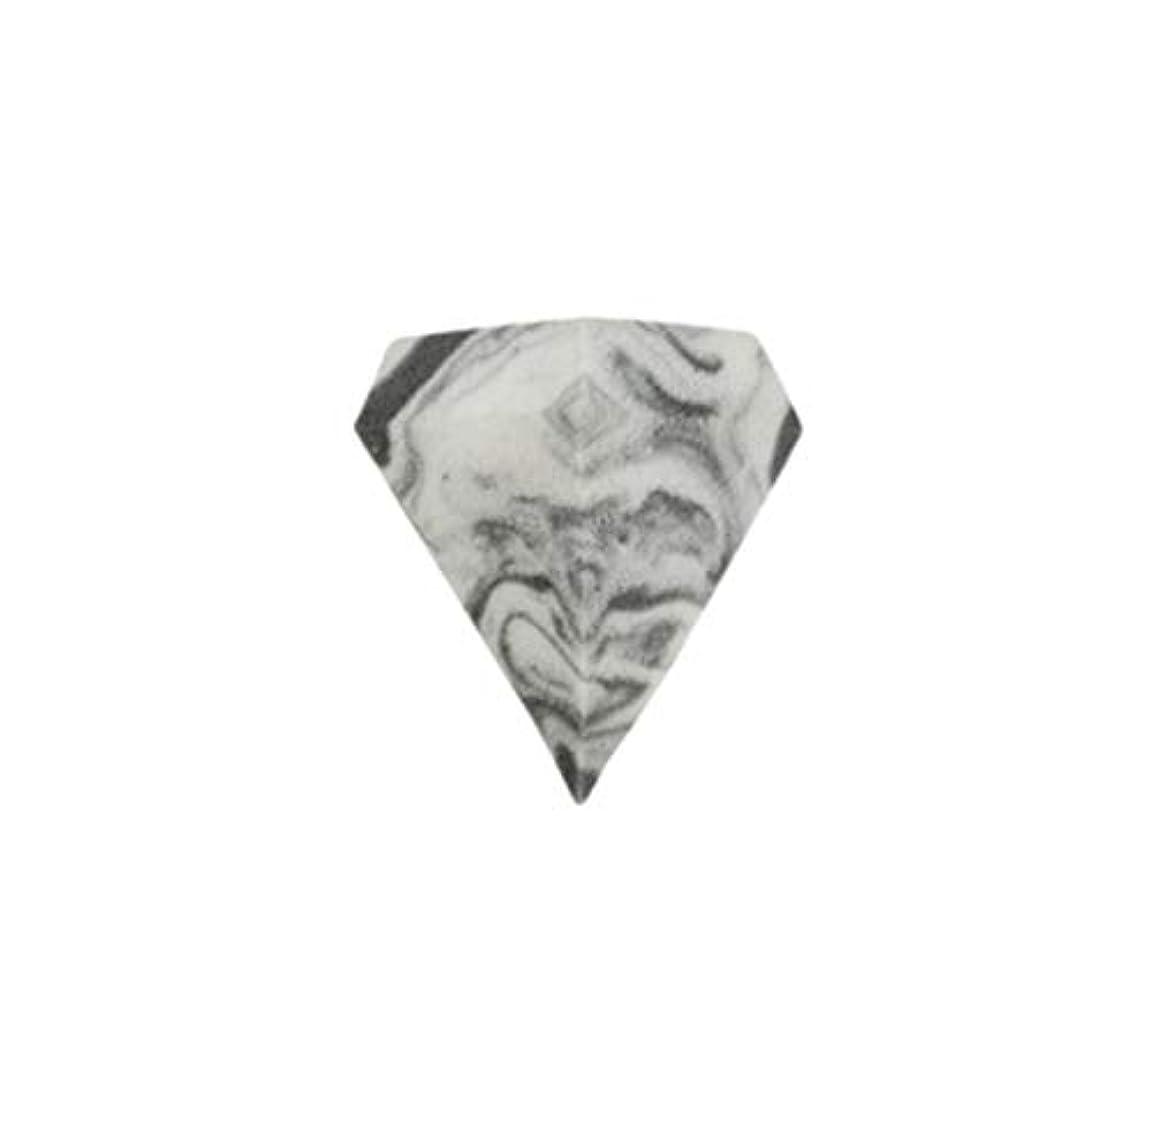 引き付けるマトリックス資格情報美のスポンジ、柔らかいダイヤモンド形の構造の混合物の基礎スポンジ